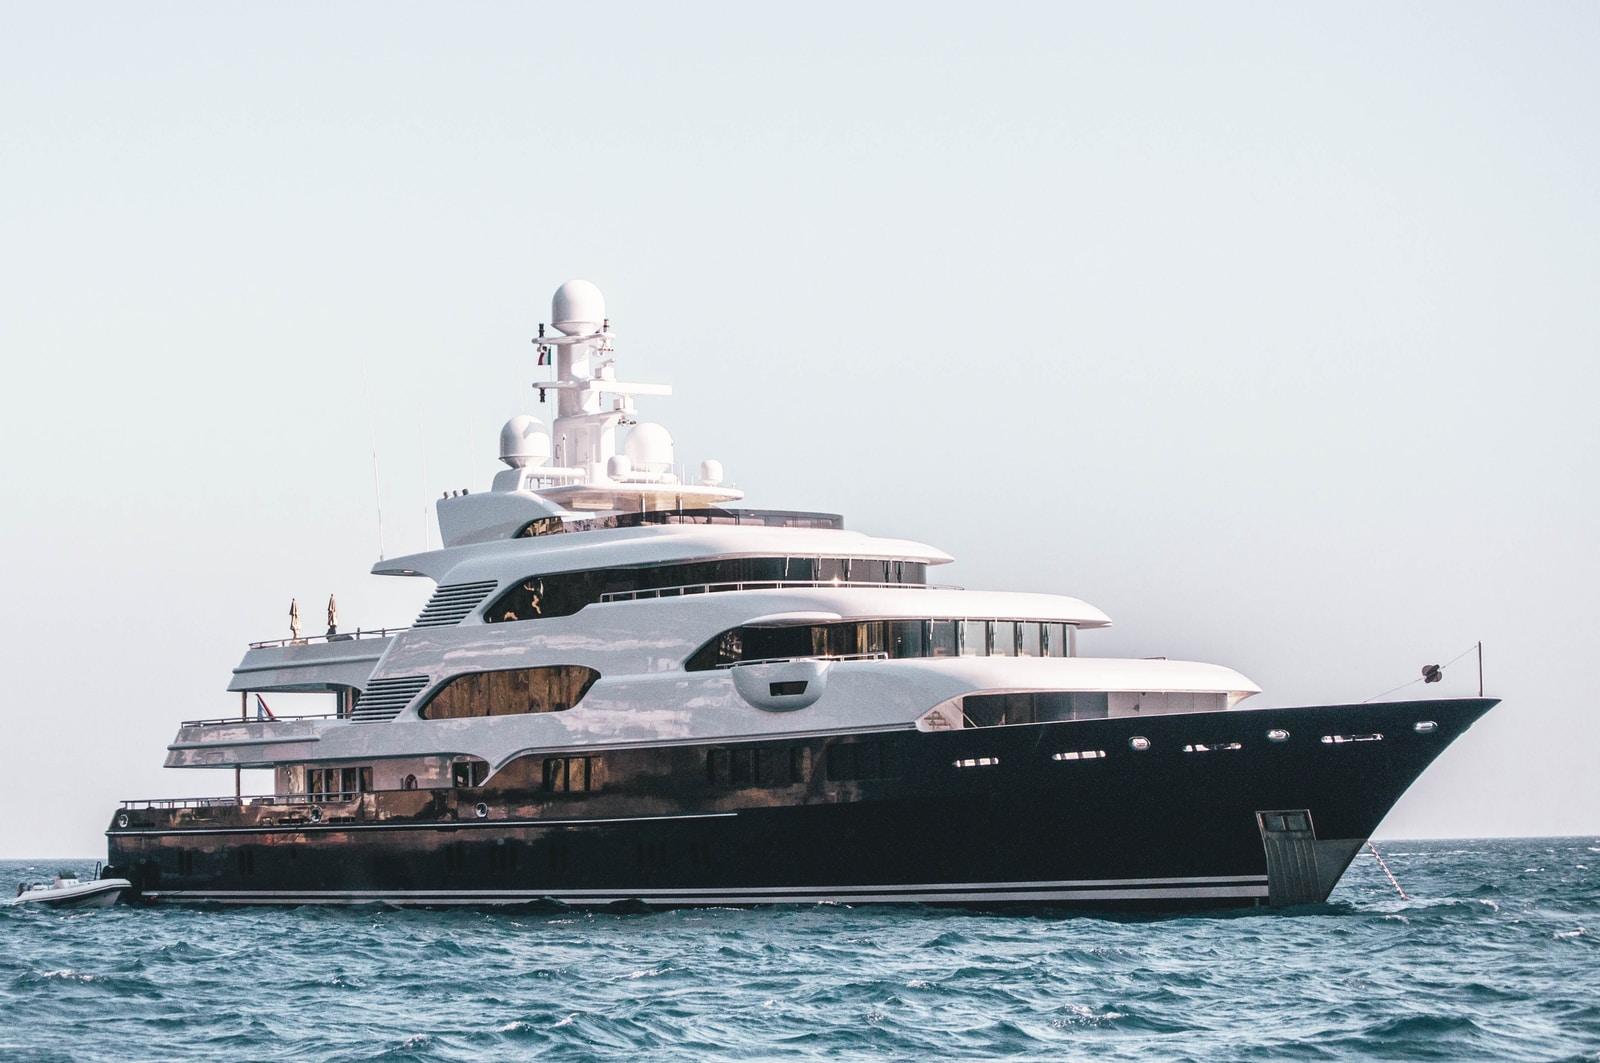 cruise ship yacht rich